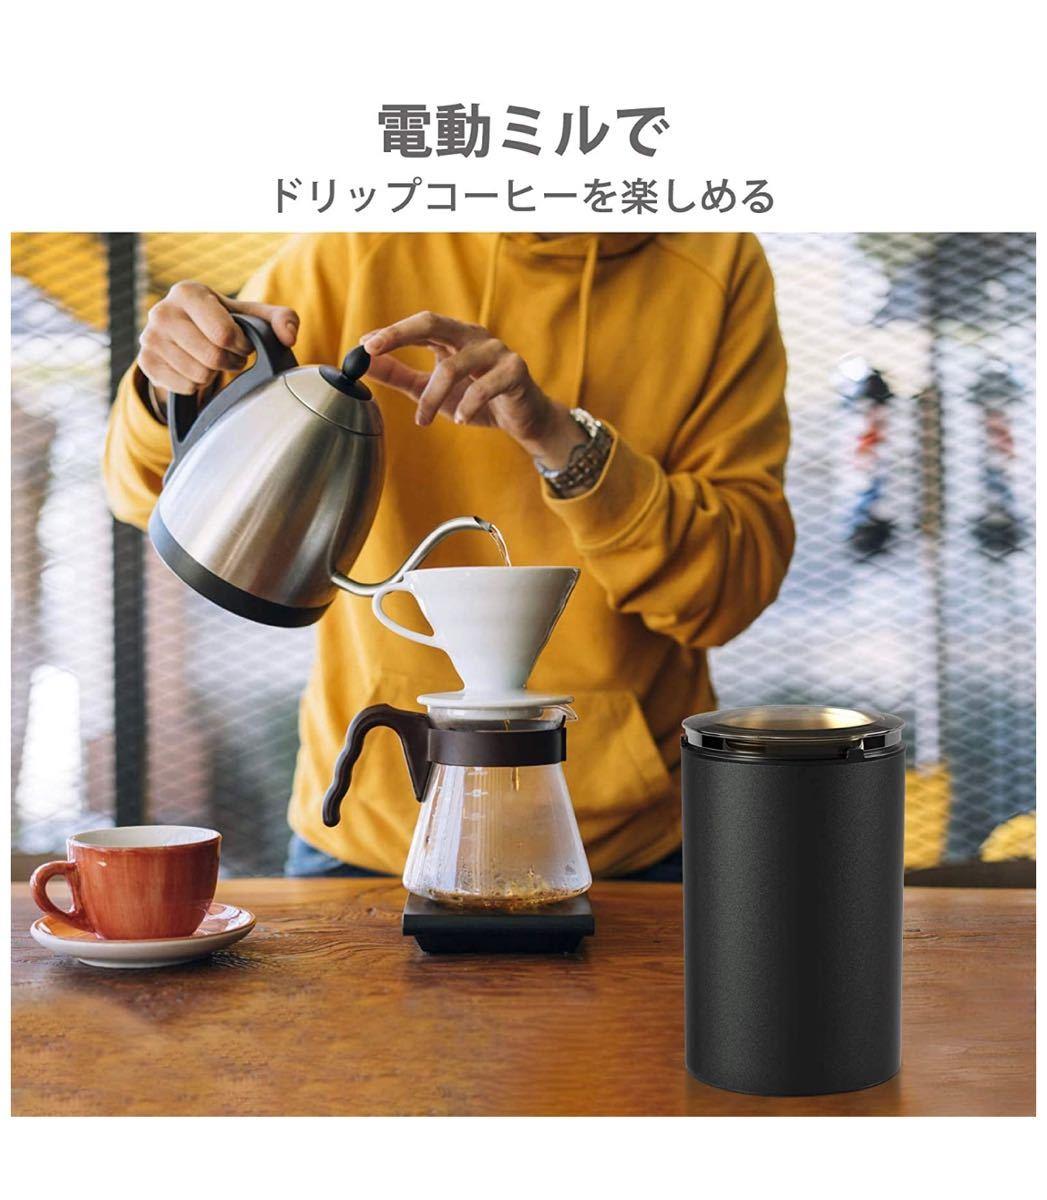 電動 コーヒーミル コーヒーグラインダー 水洗い可能 プロペラ式 カッター式